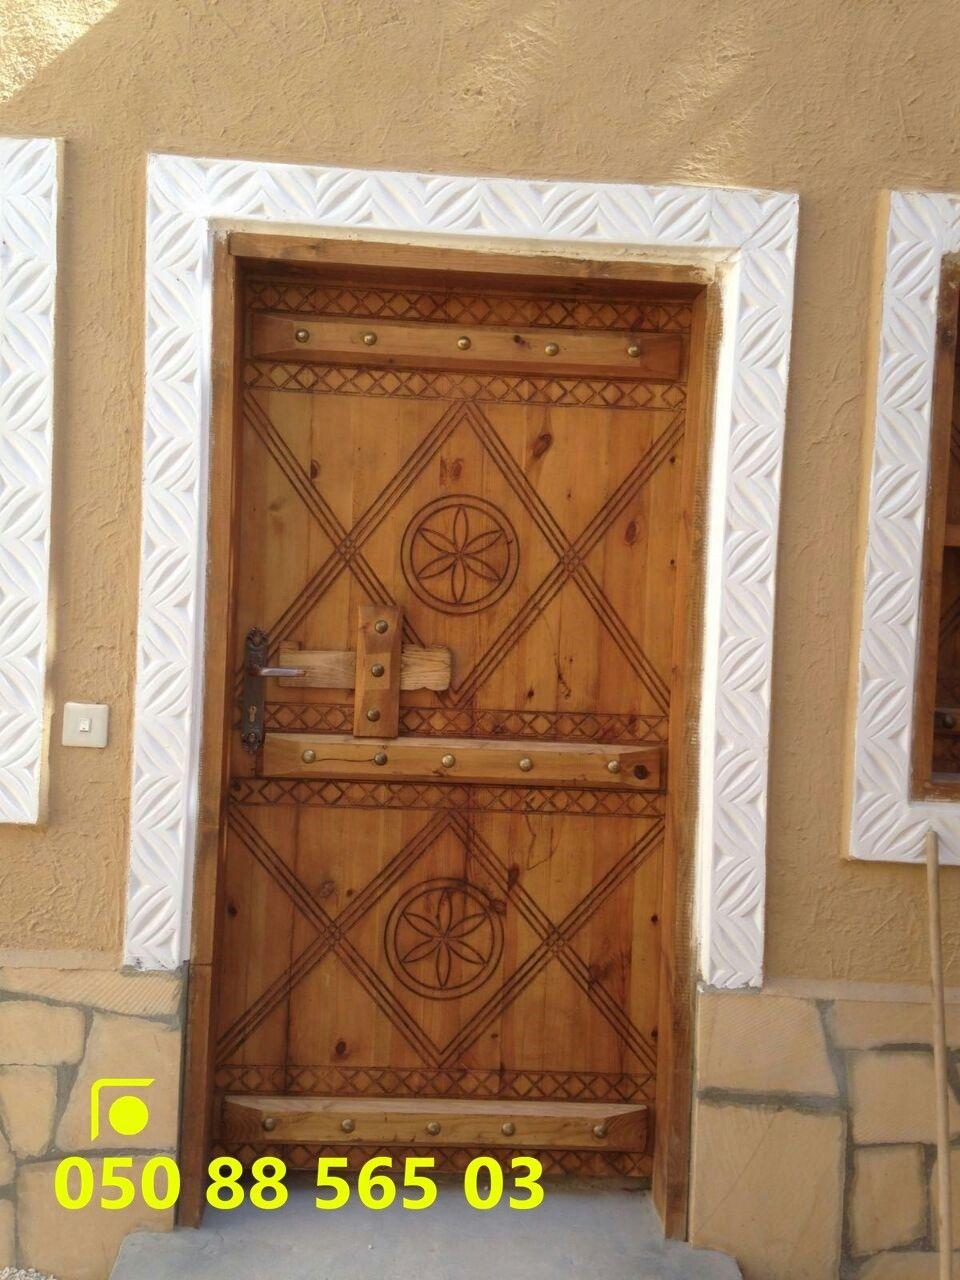 باب خشب تراثي Home Decor Decor Furniture